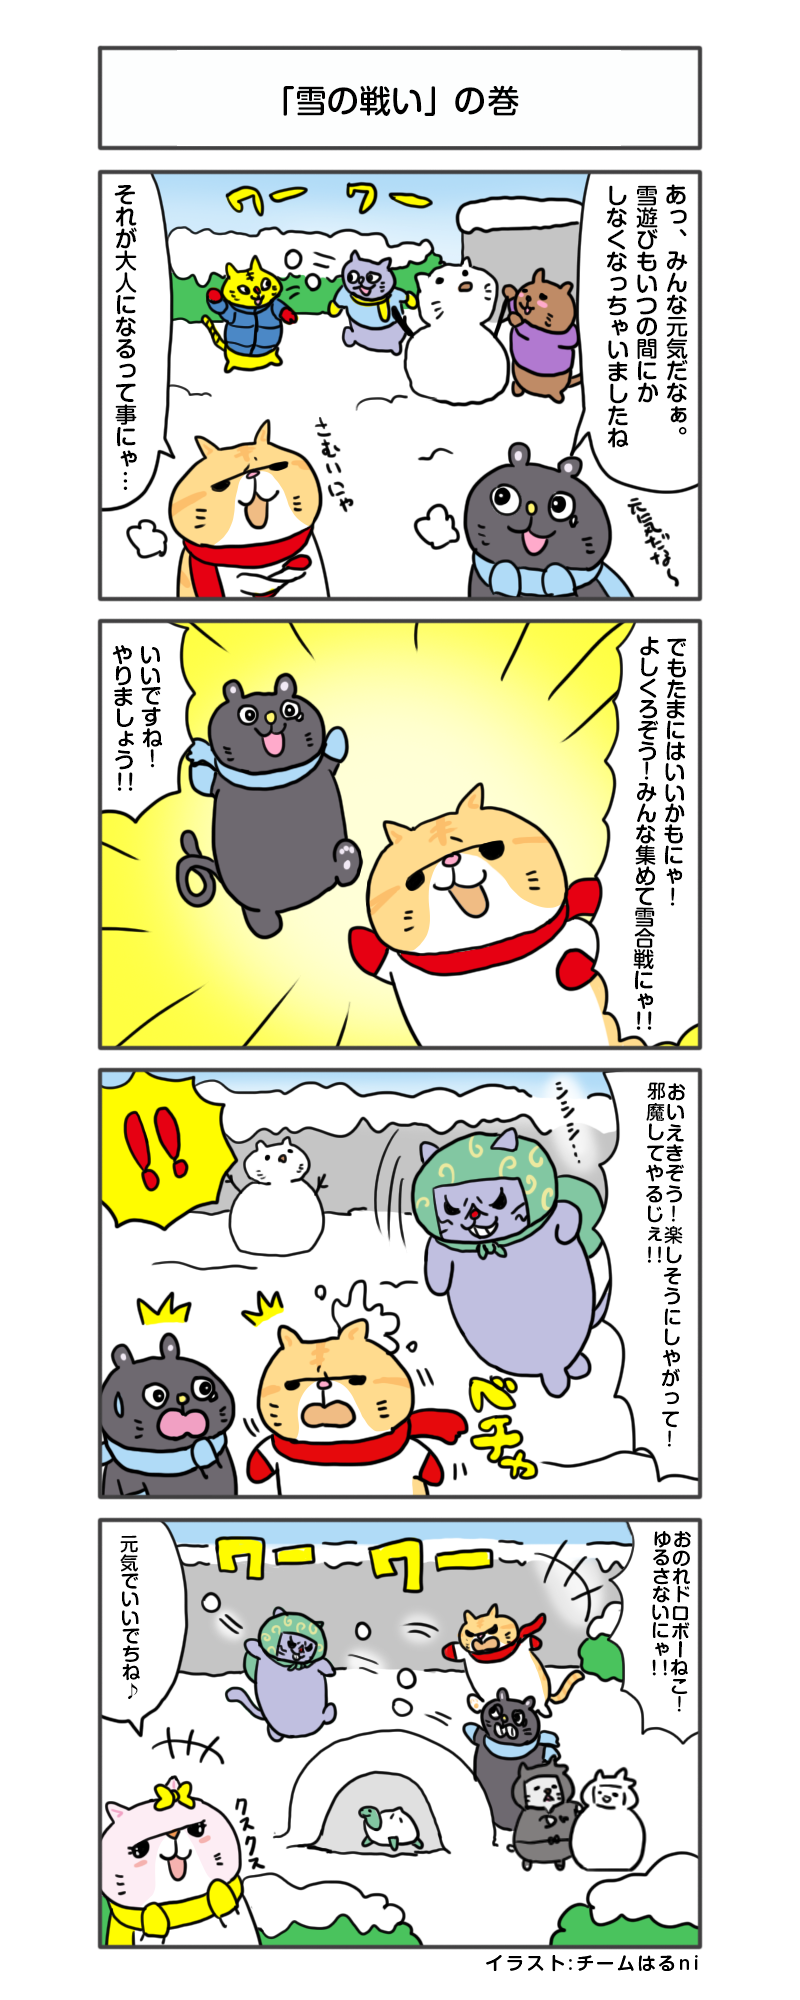 縺医″縺昴y縺・anga_vol.132